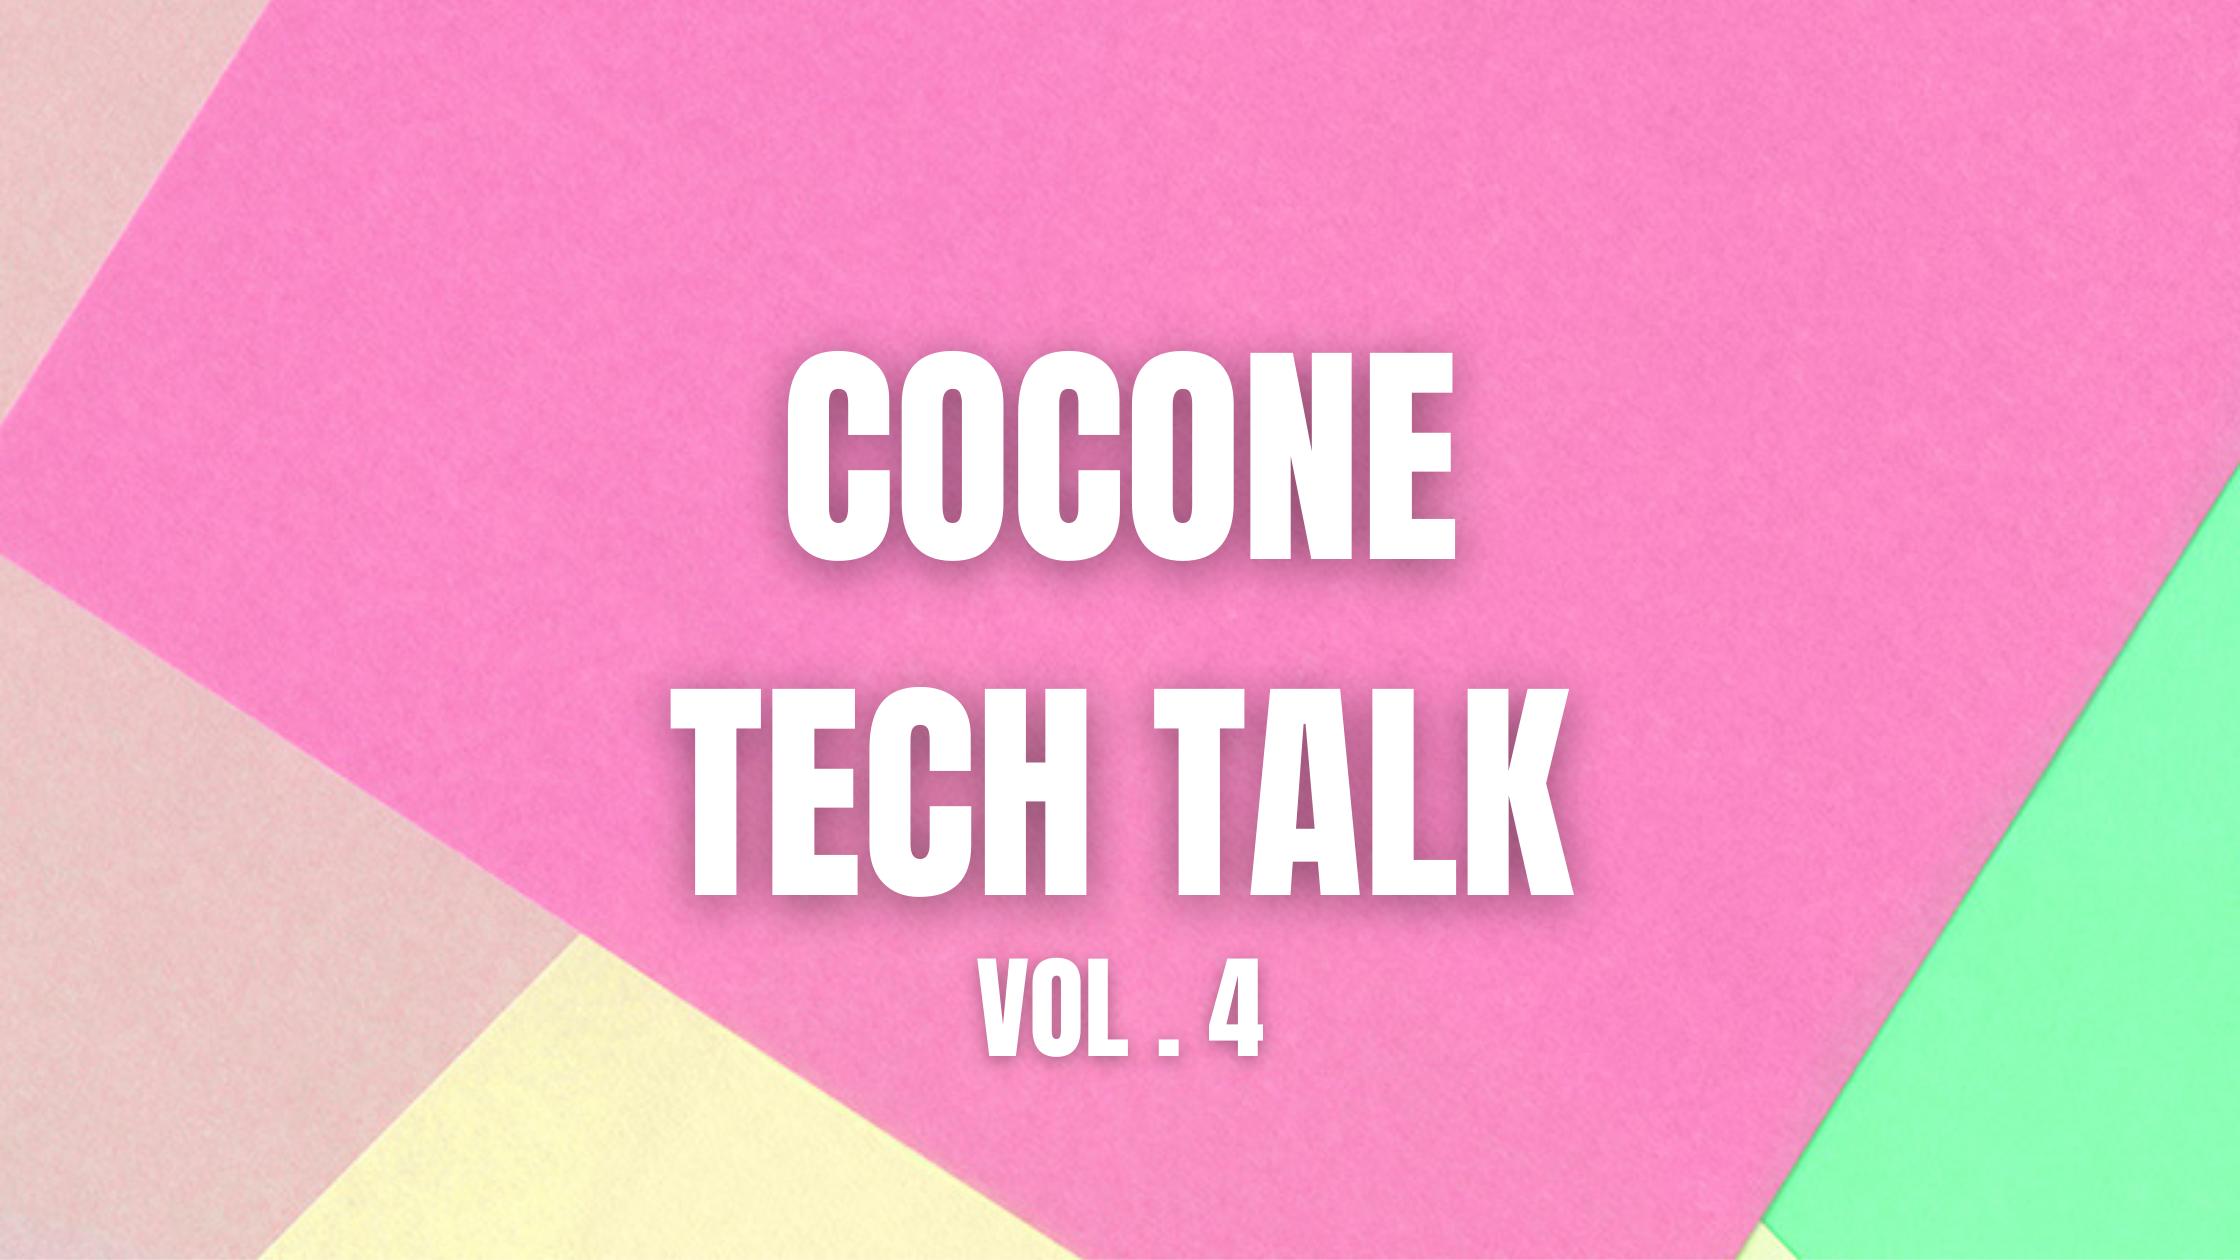 【オンライン開催】9月30日(木) cocone TECH TALK VOL.4